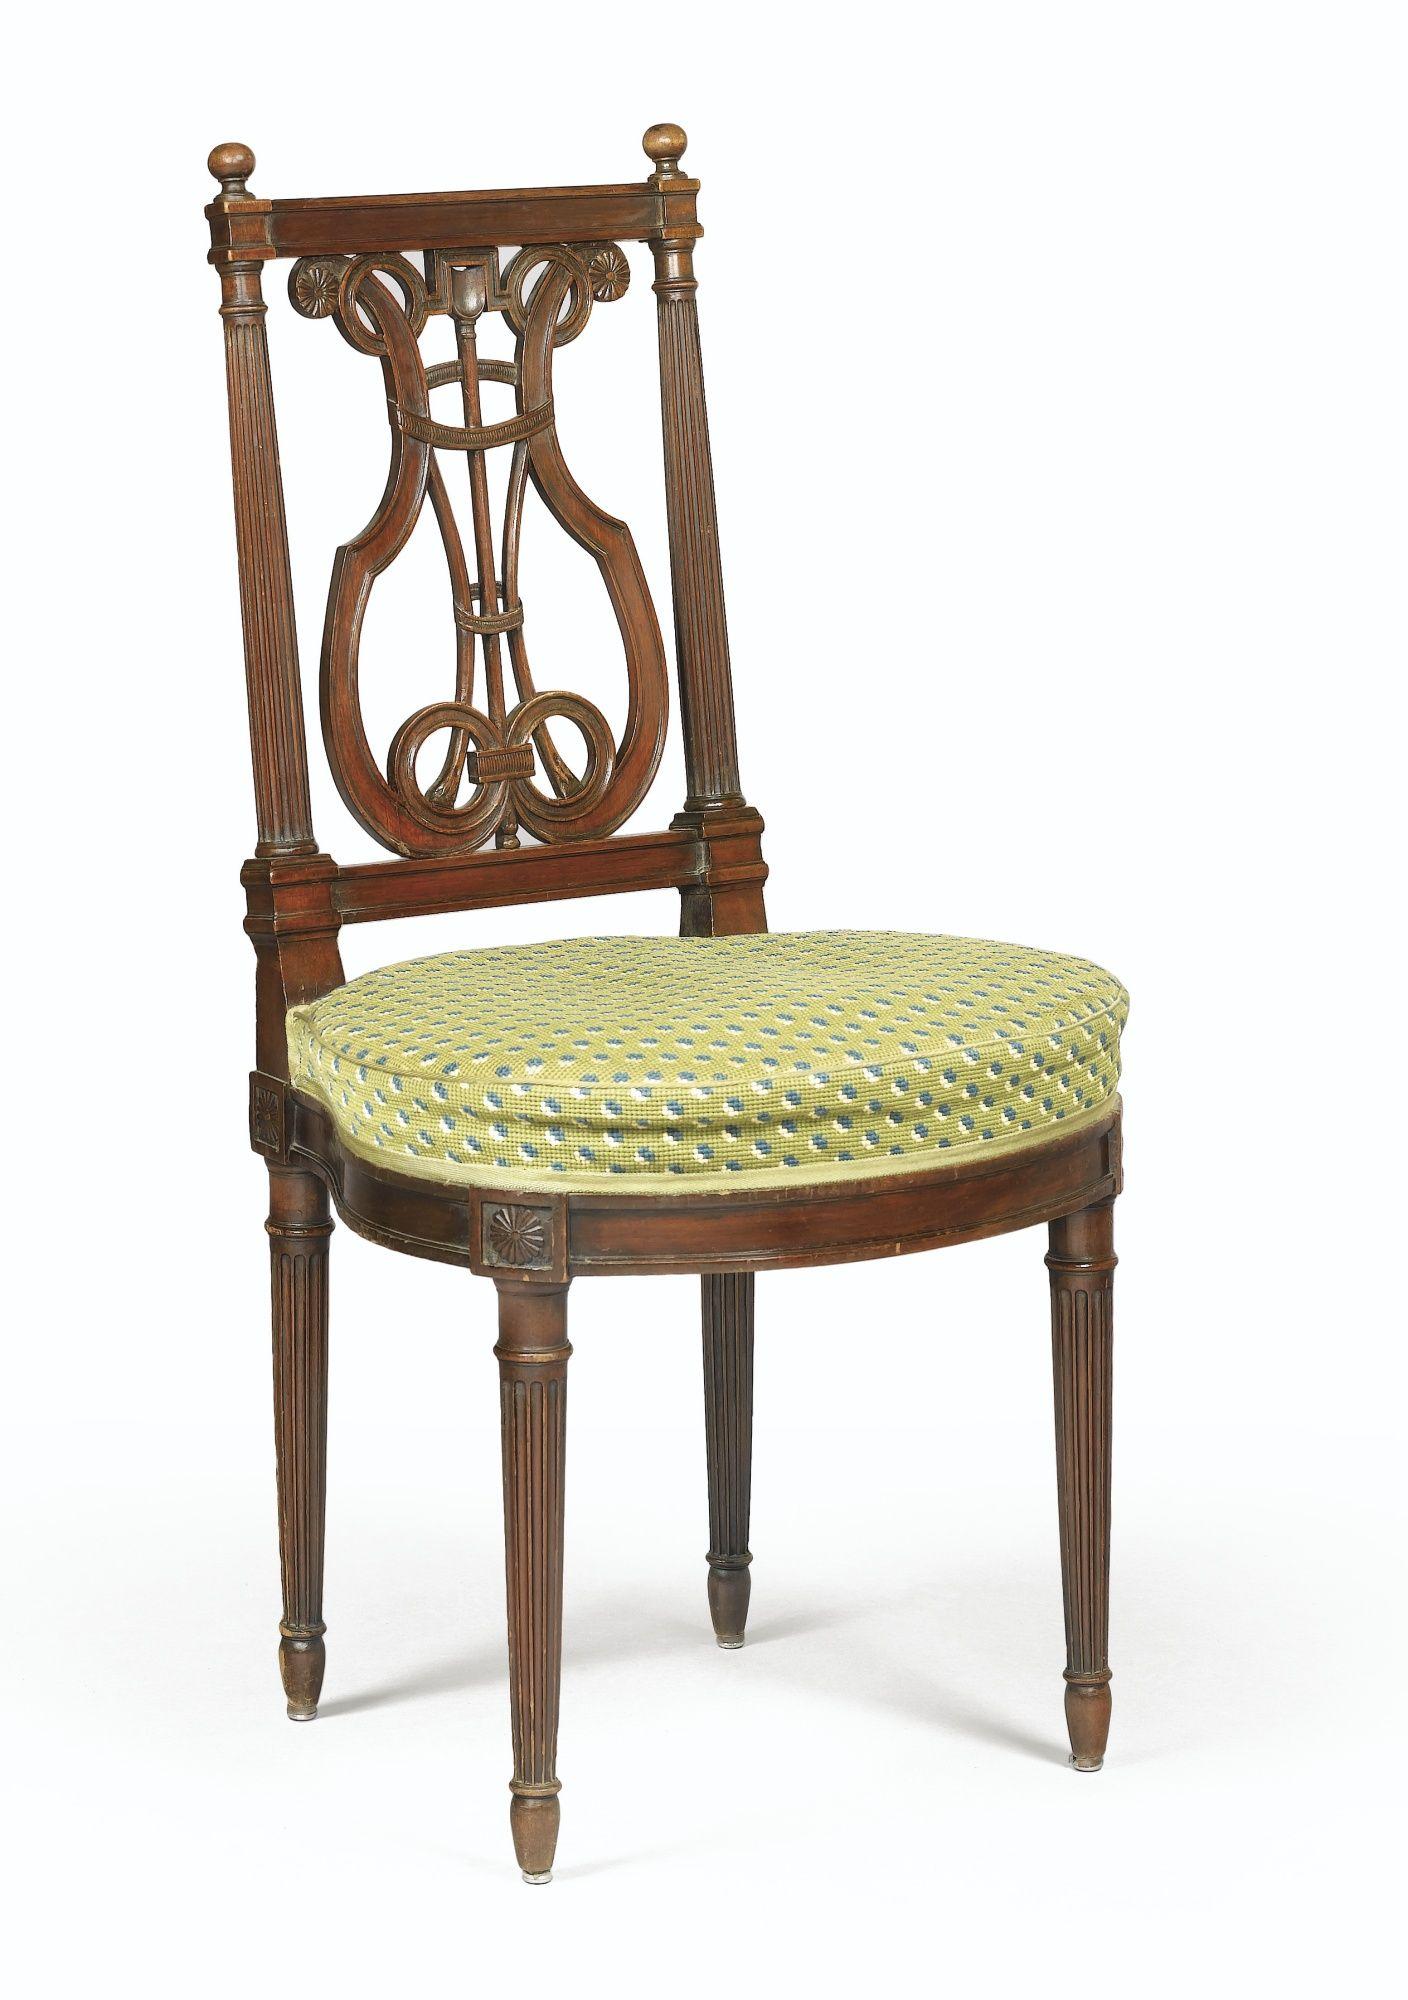 chaise en acajou dossier ajour en lyre d 39 poque louis xvi par georges jacob si ge fauteuil. Black Bedroom Furniture Sets. Home Design Ideas